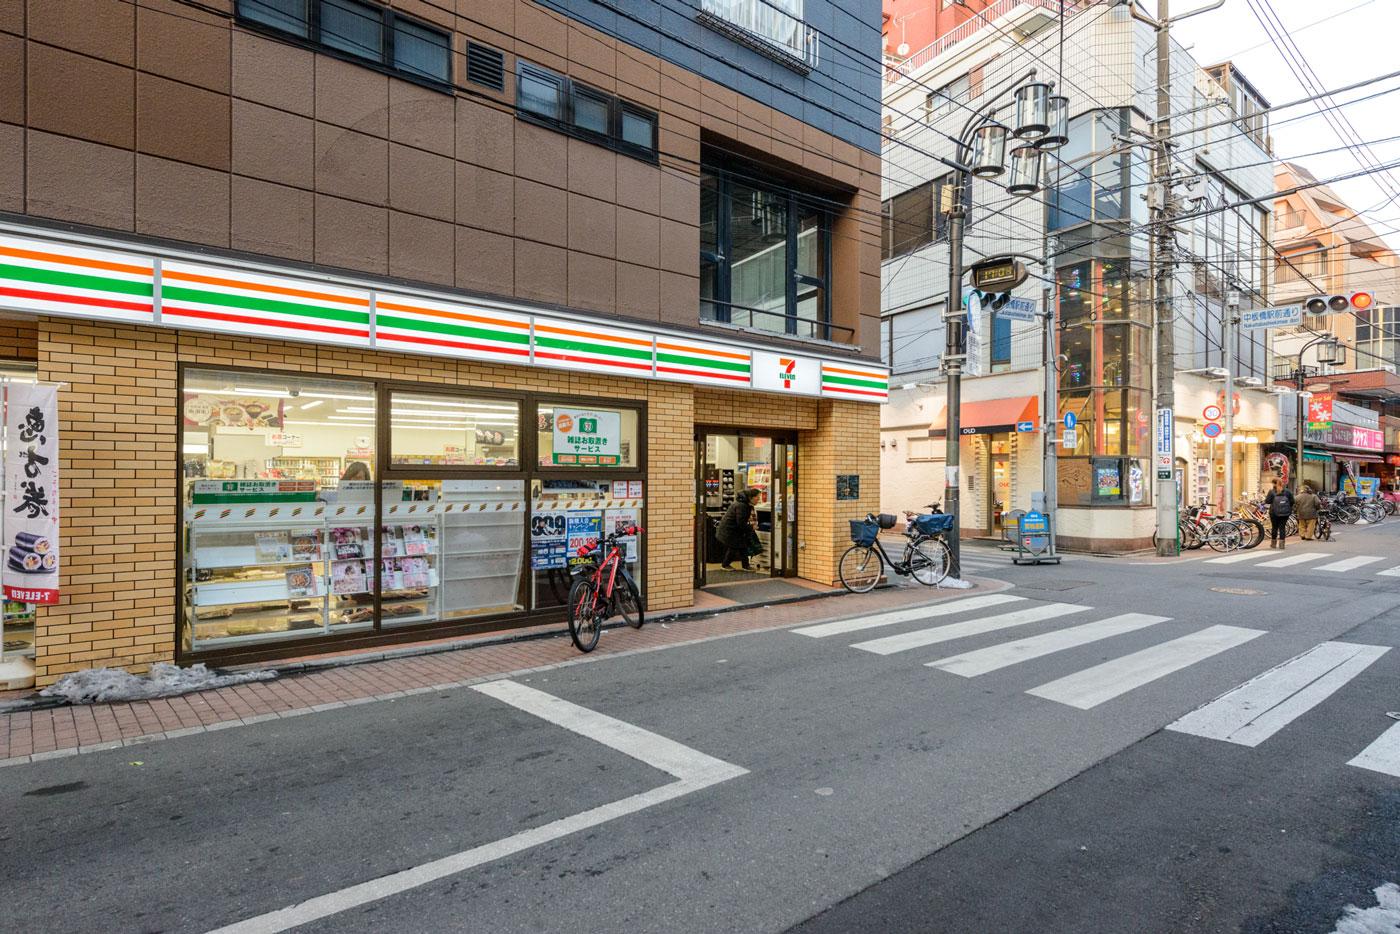 セブン・イレブン(中板橋駅前通り店)